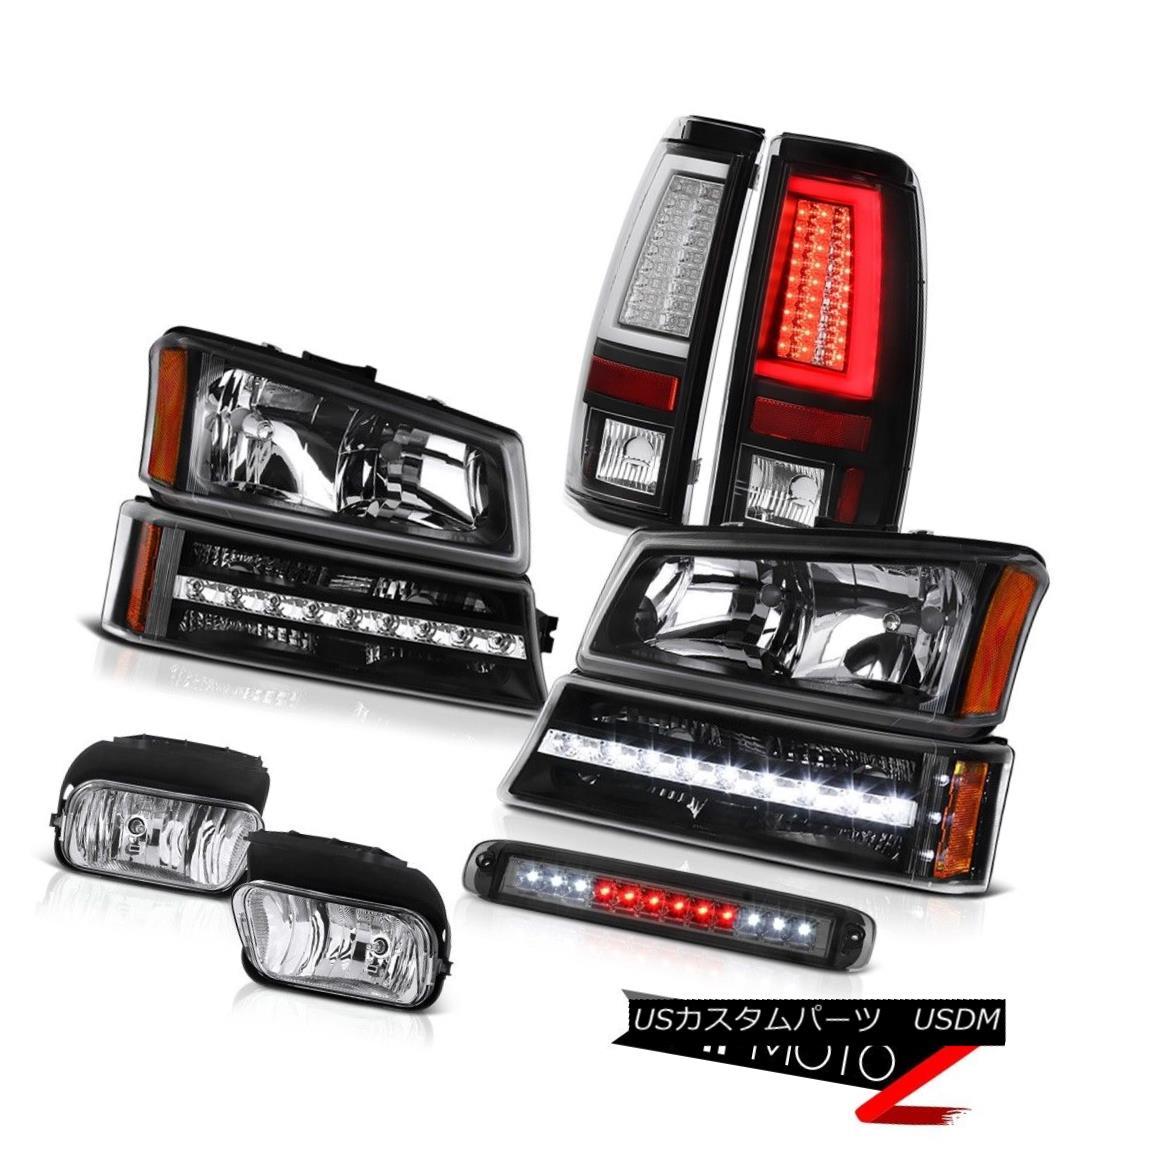 テールライト 03-06 Silverado 1500 Tail Lights High Stop Light Foglights Headlamps Signal LED 03-06 Silverado 1500テールライトハイストップライトフォグライトヘッドランプ信号LED